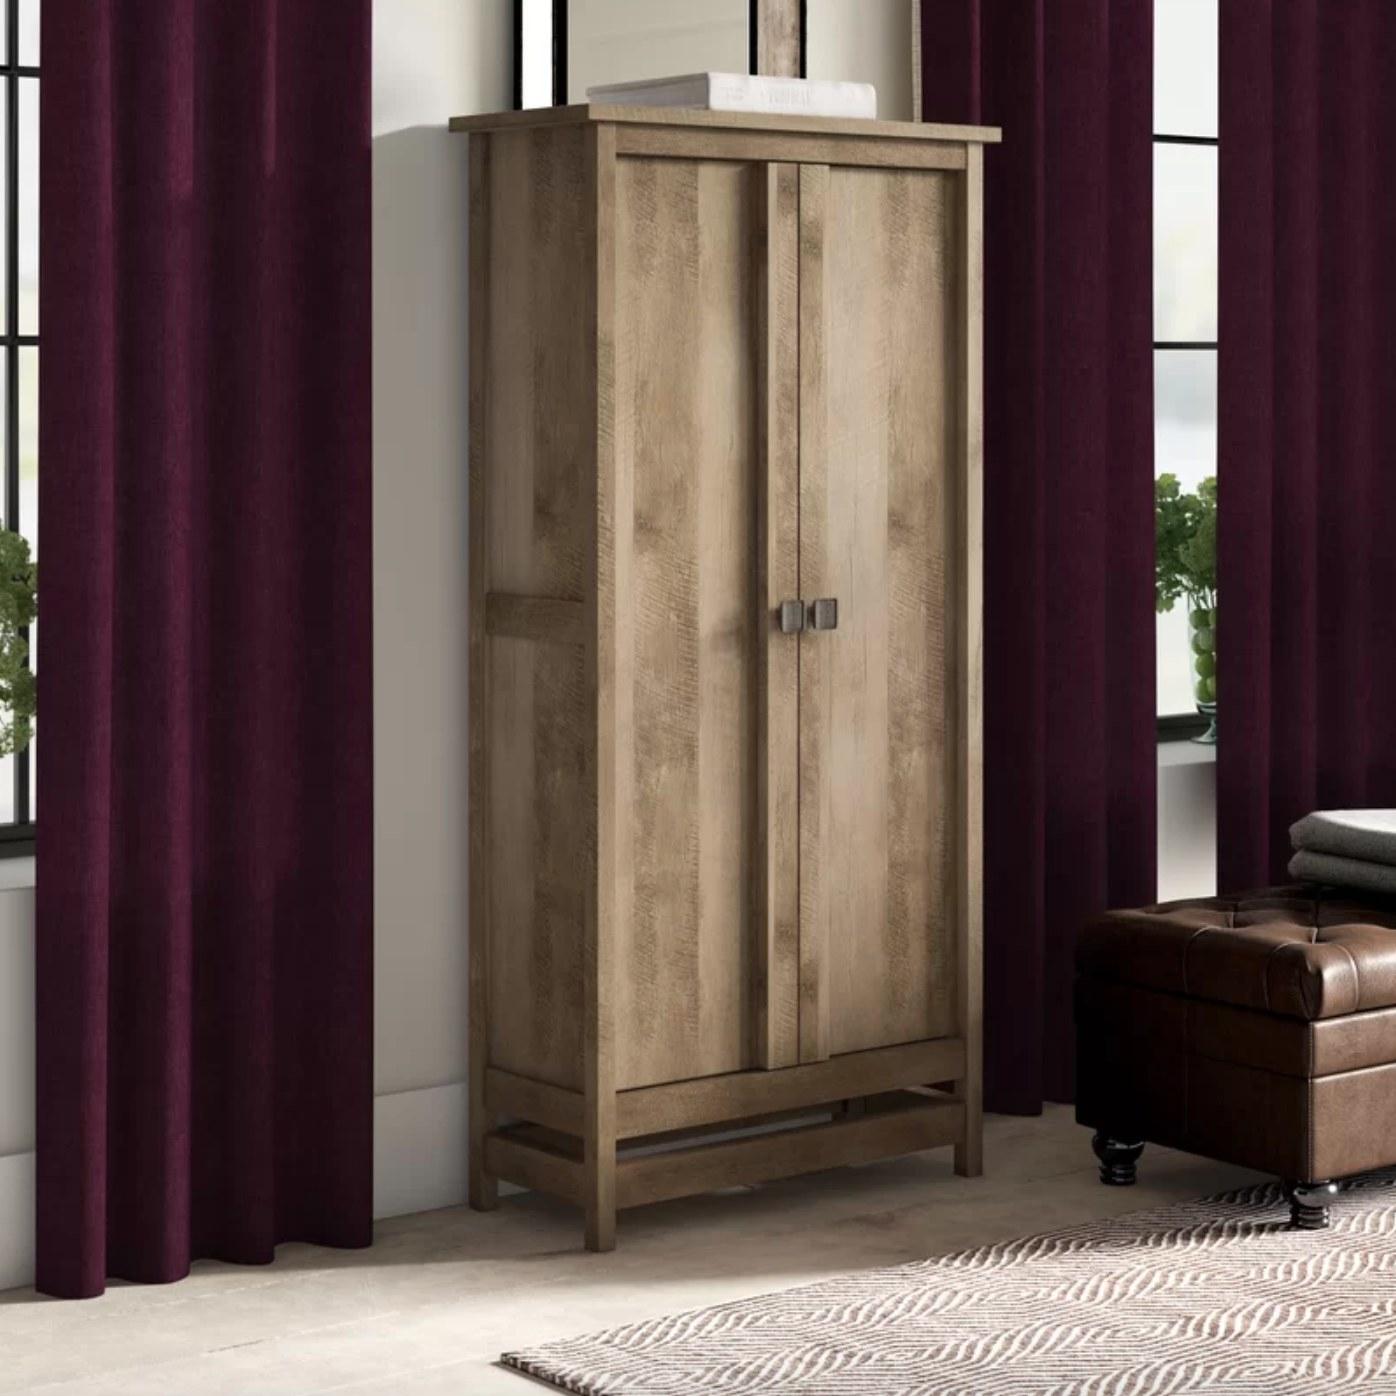 The storage cabinet armoire in lintel oak